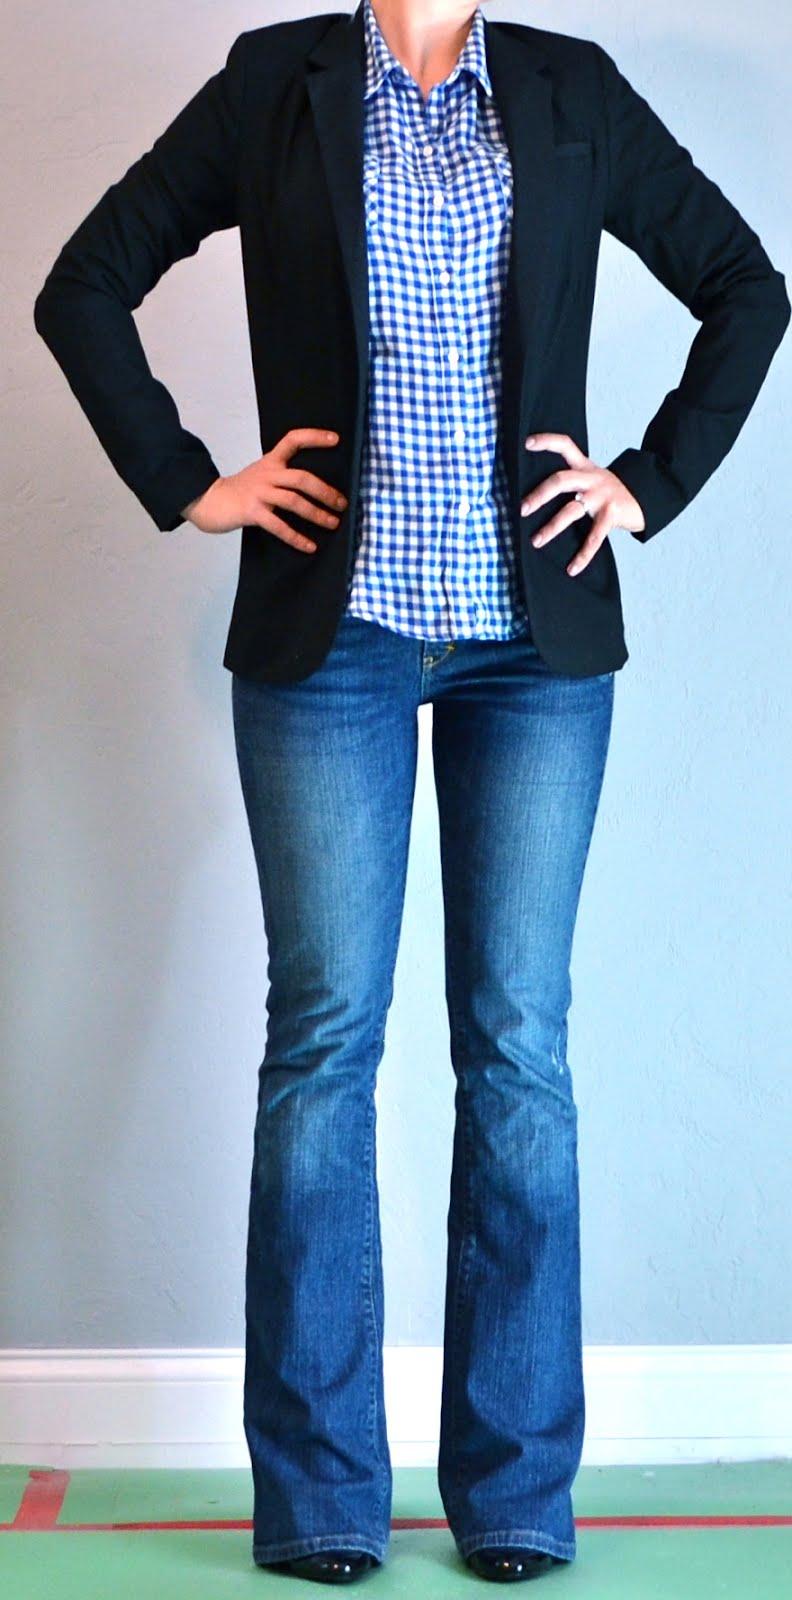 Outfit Posts: Blue Plaid Shirt, Black Jacket, Jeans